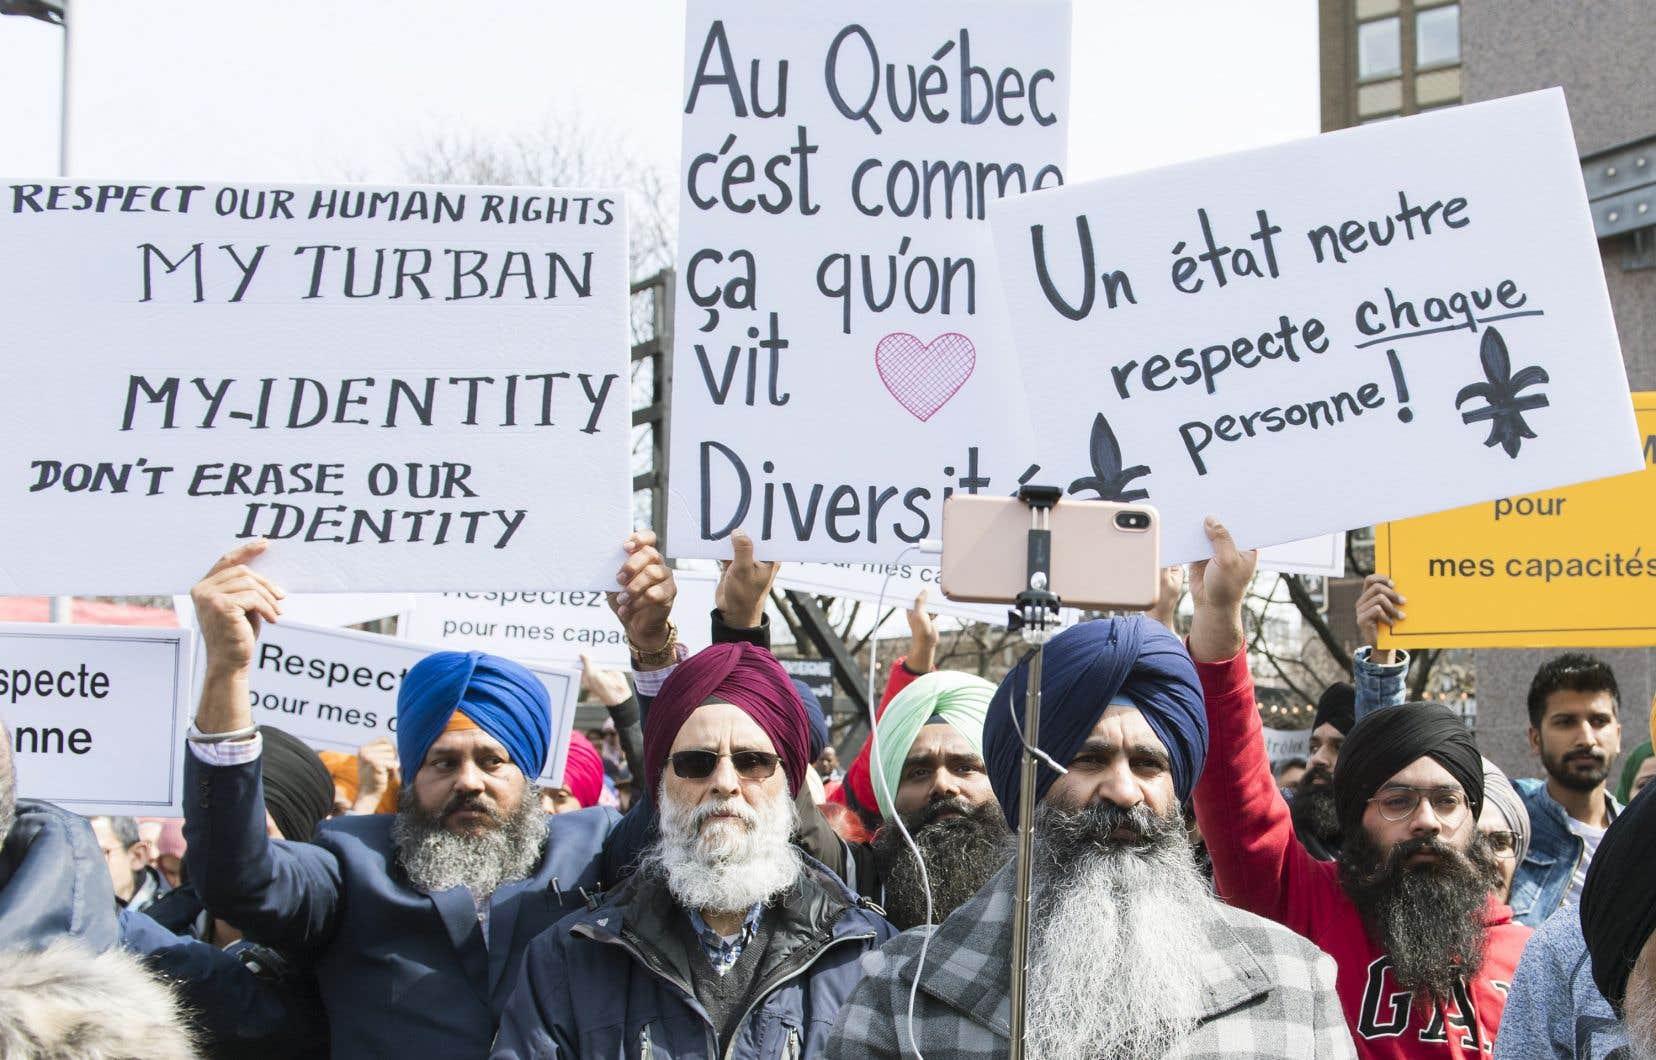 «Aujourd'hui, une haine se déchaîne contre la conception québécoise de la laïcité, conception distincte de la conception dominante au Canada», croit l'auteur.